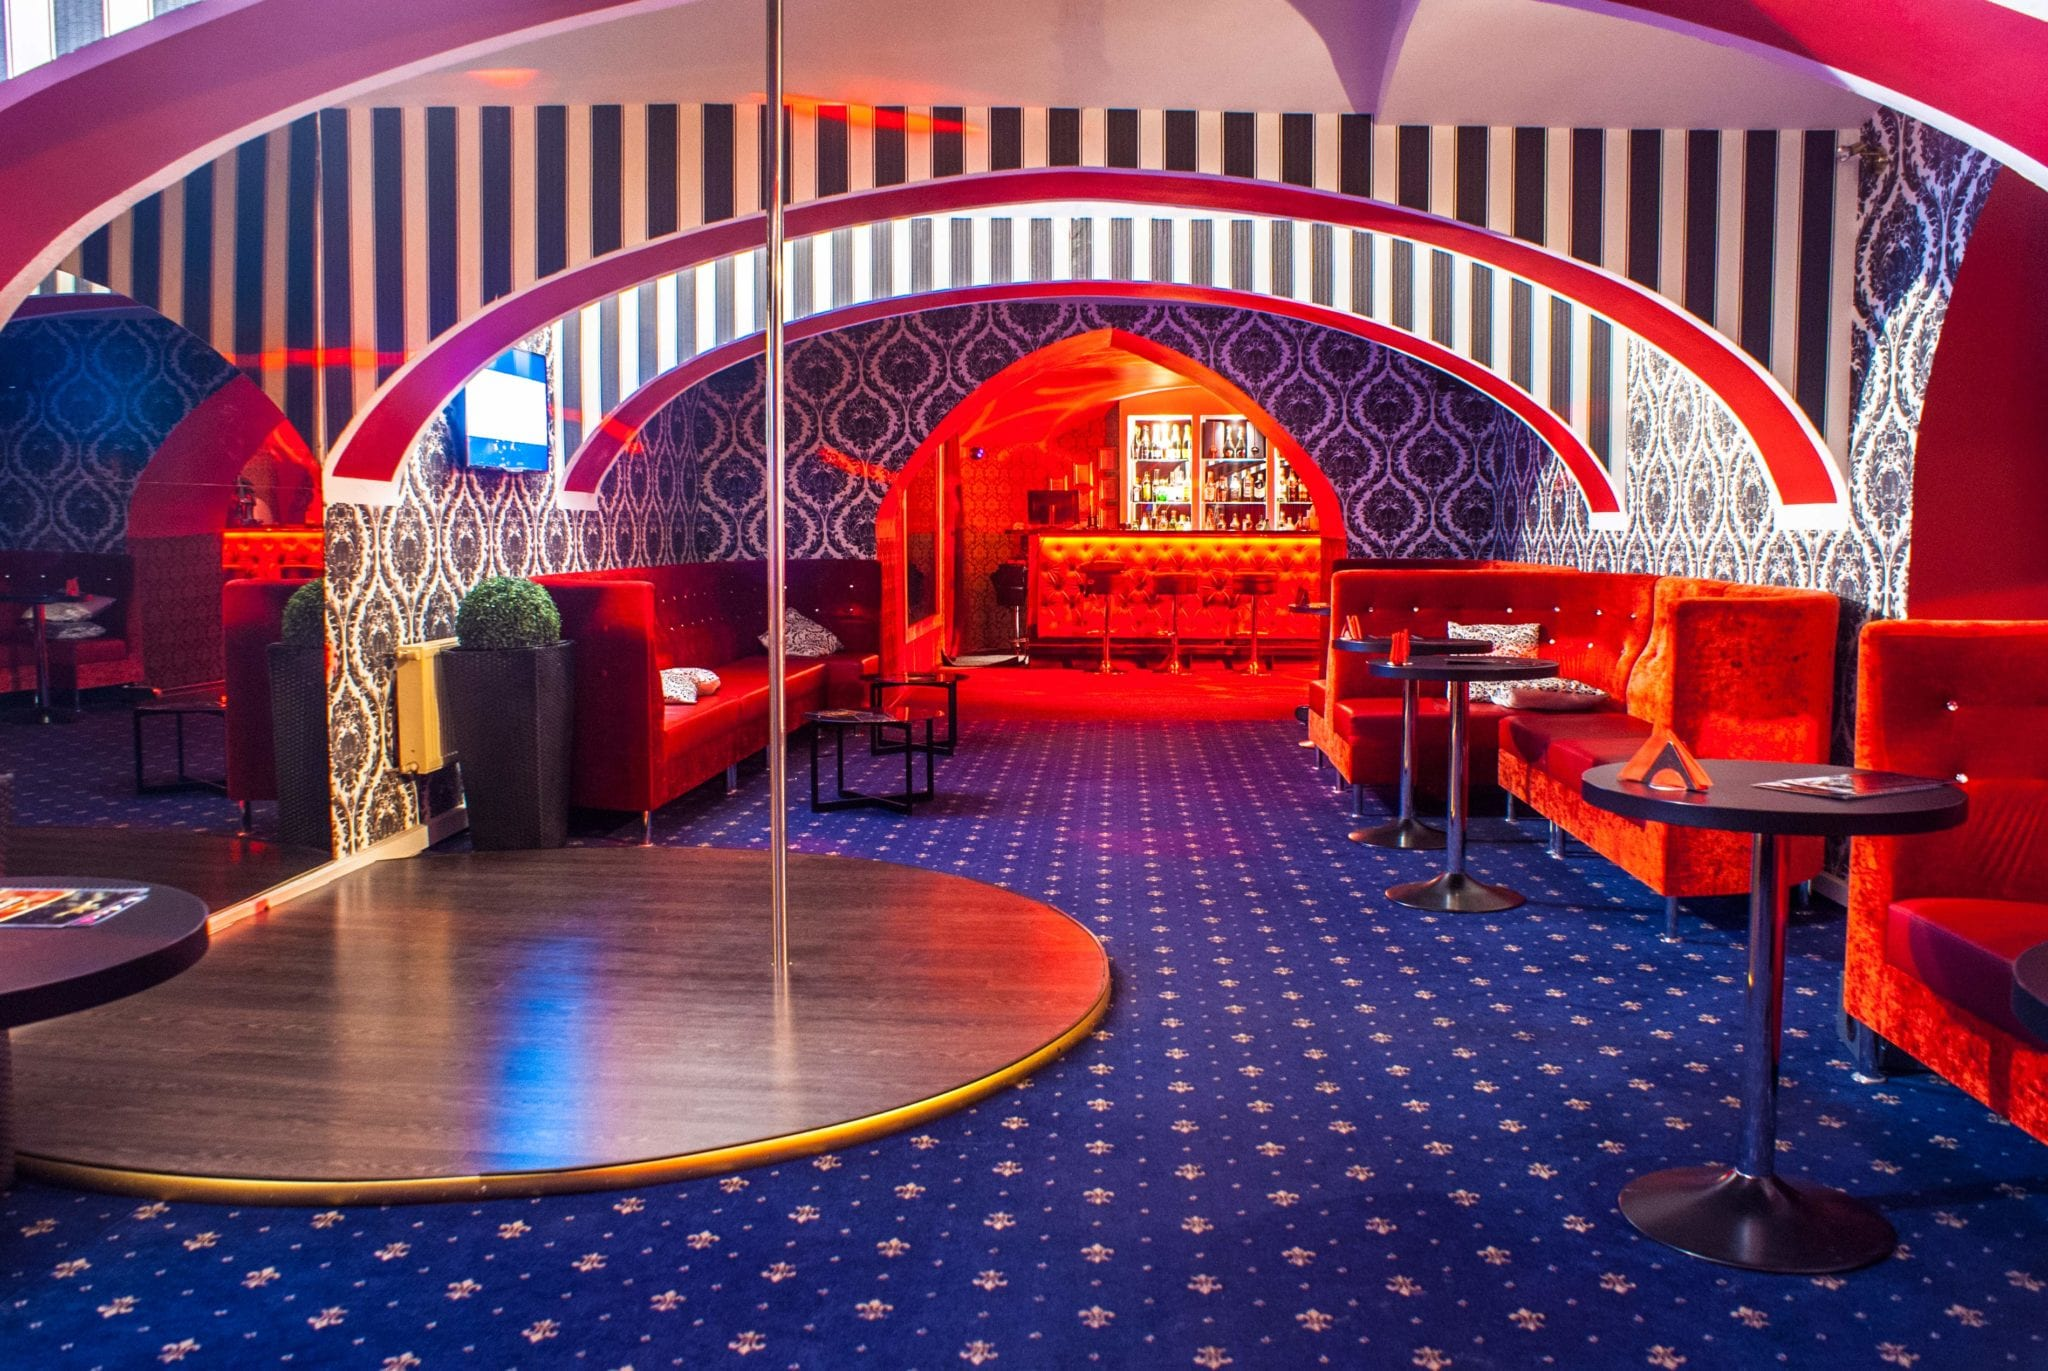 Bratislava erotic club